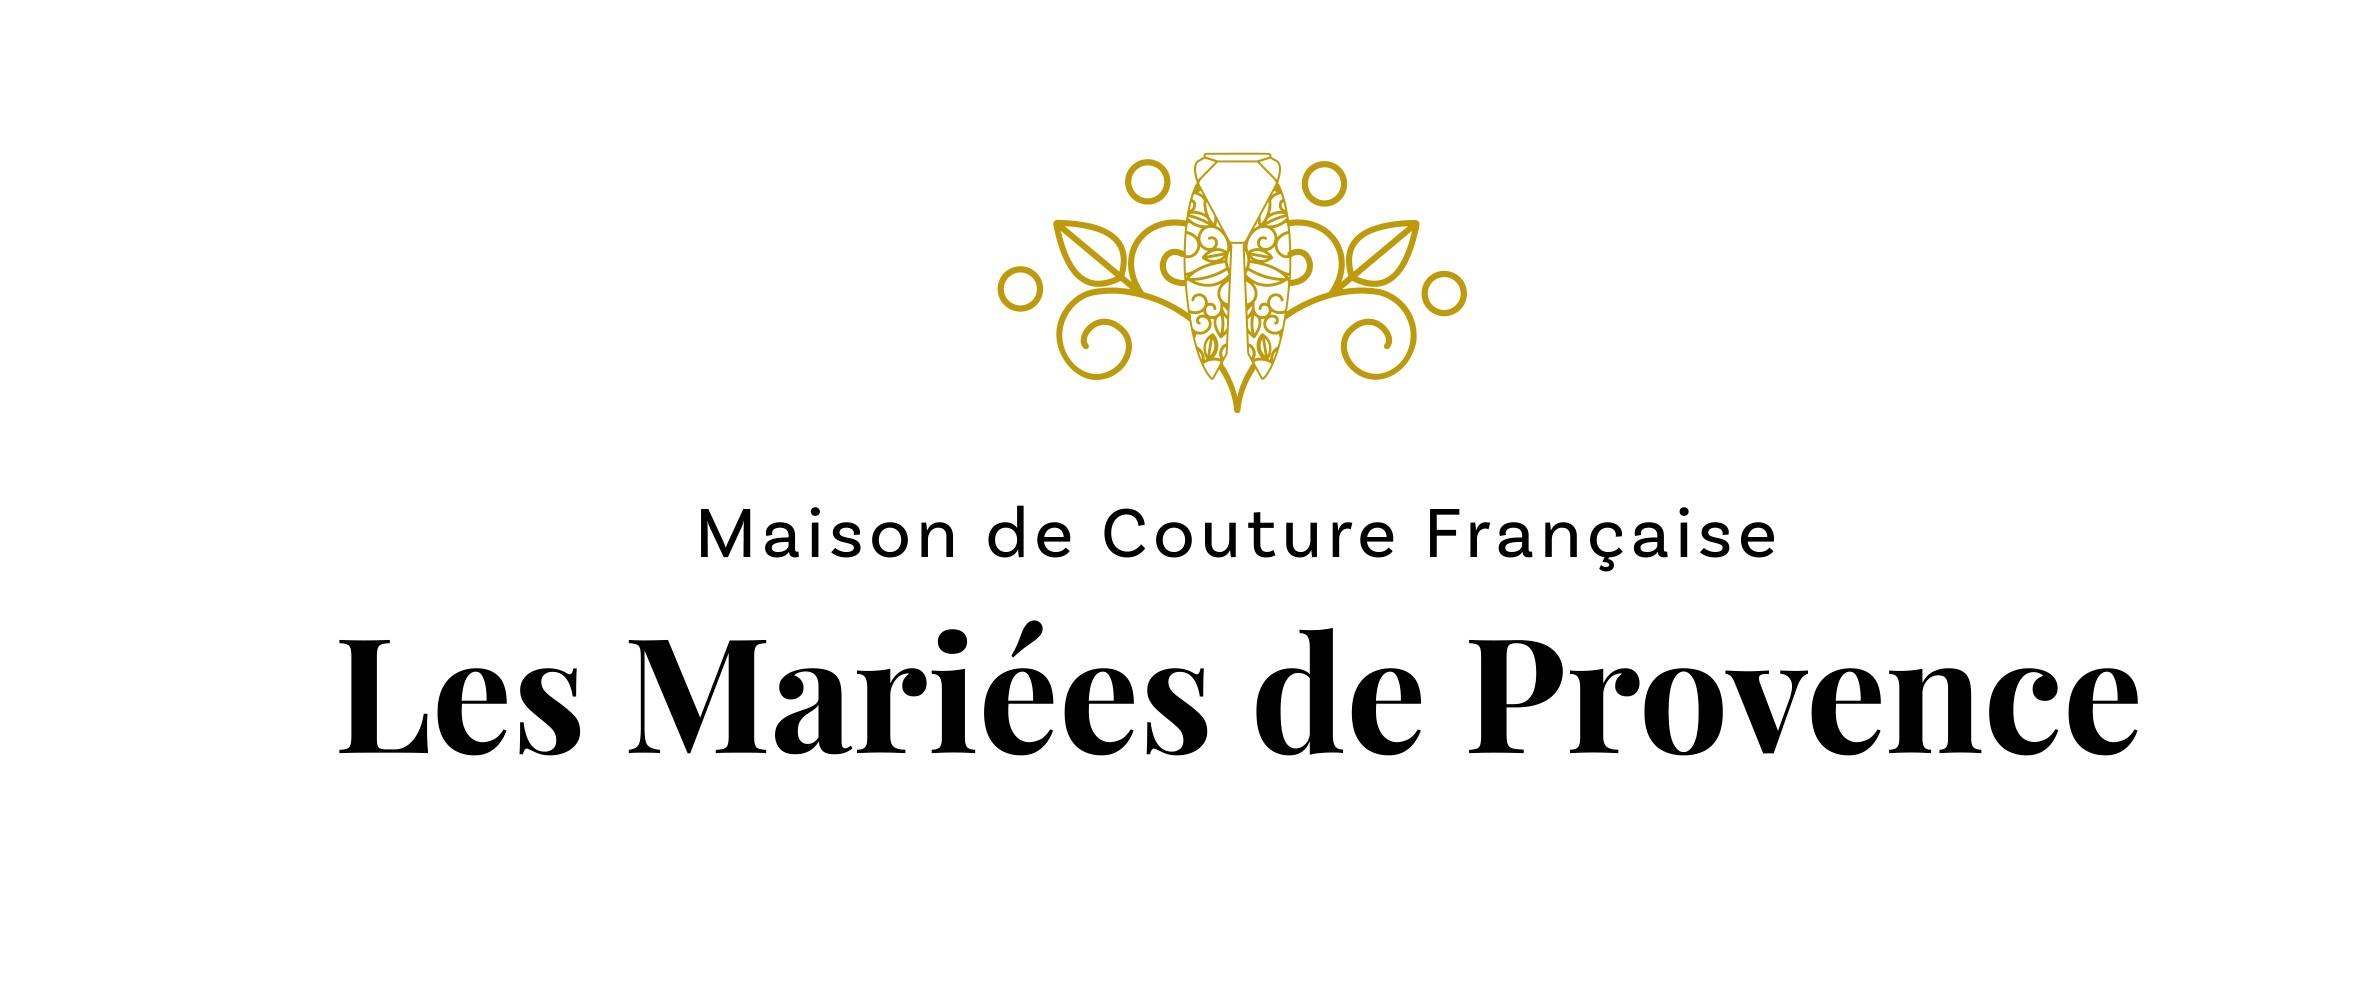 Les Mariées de Provence